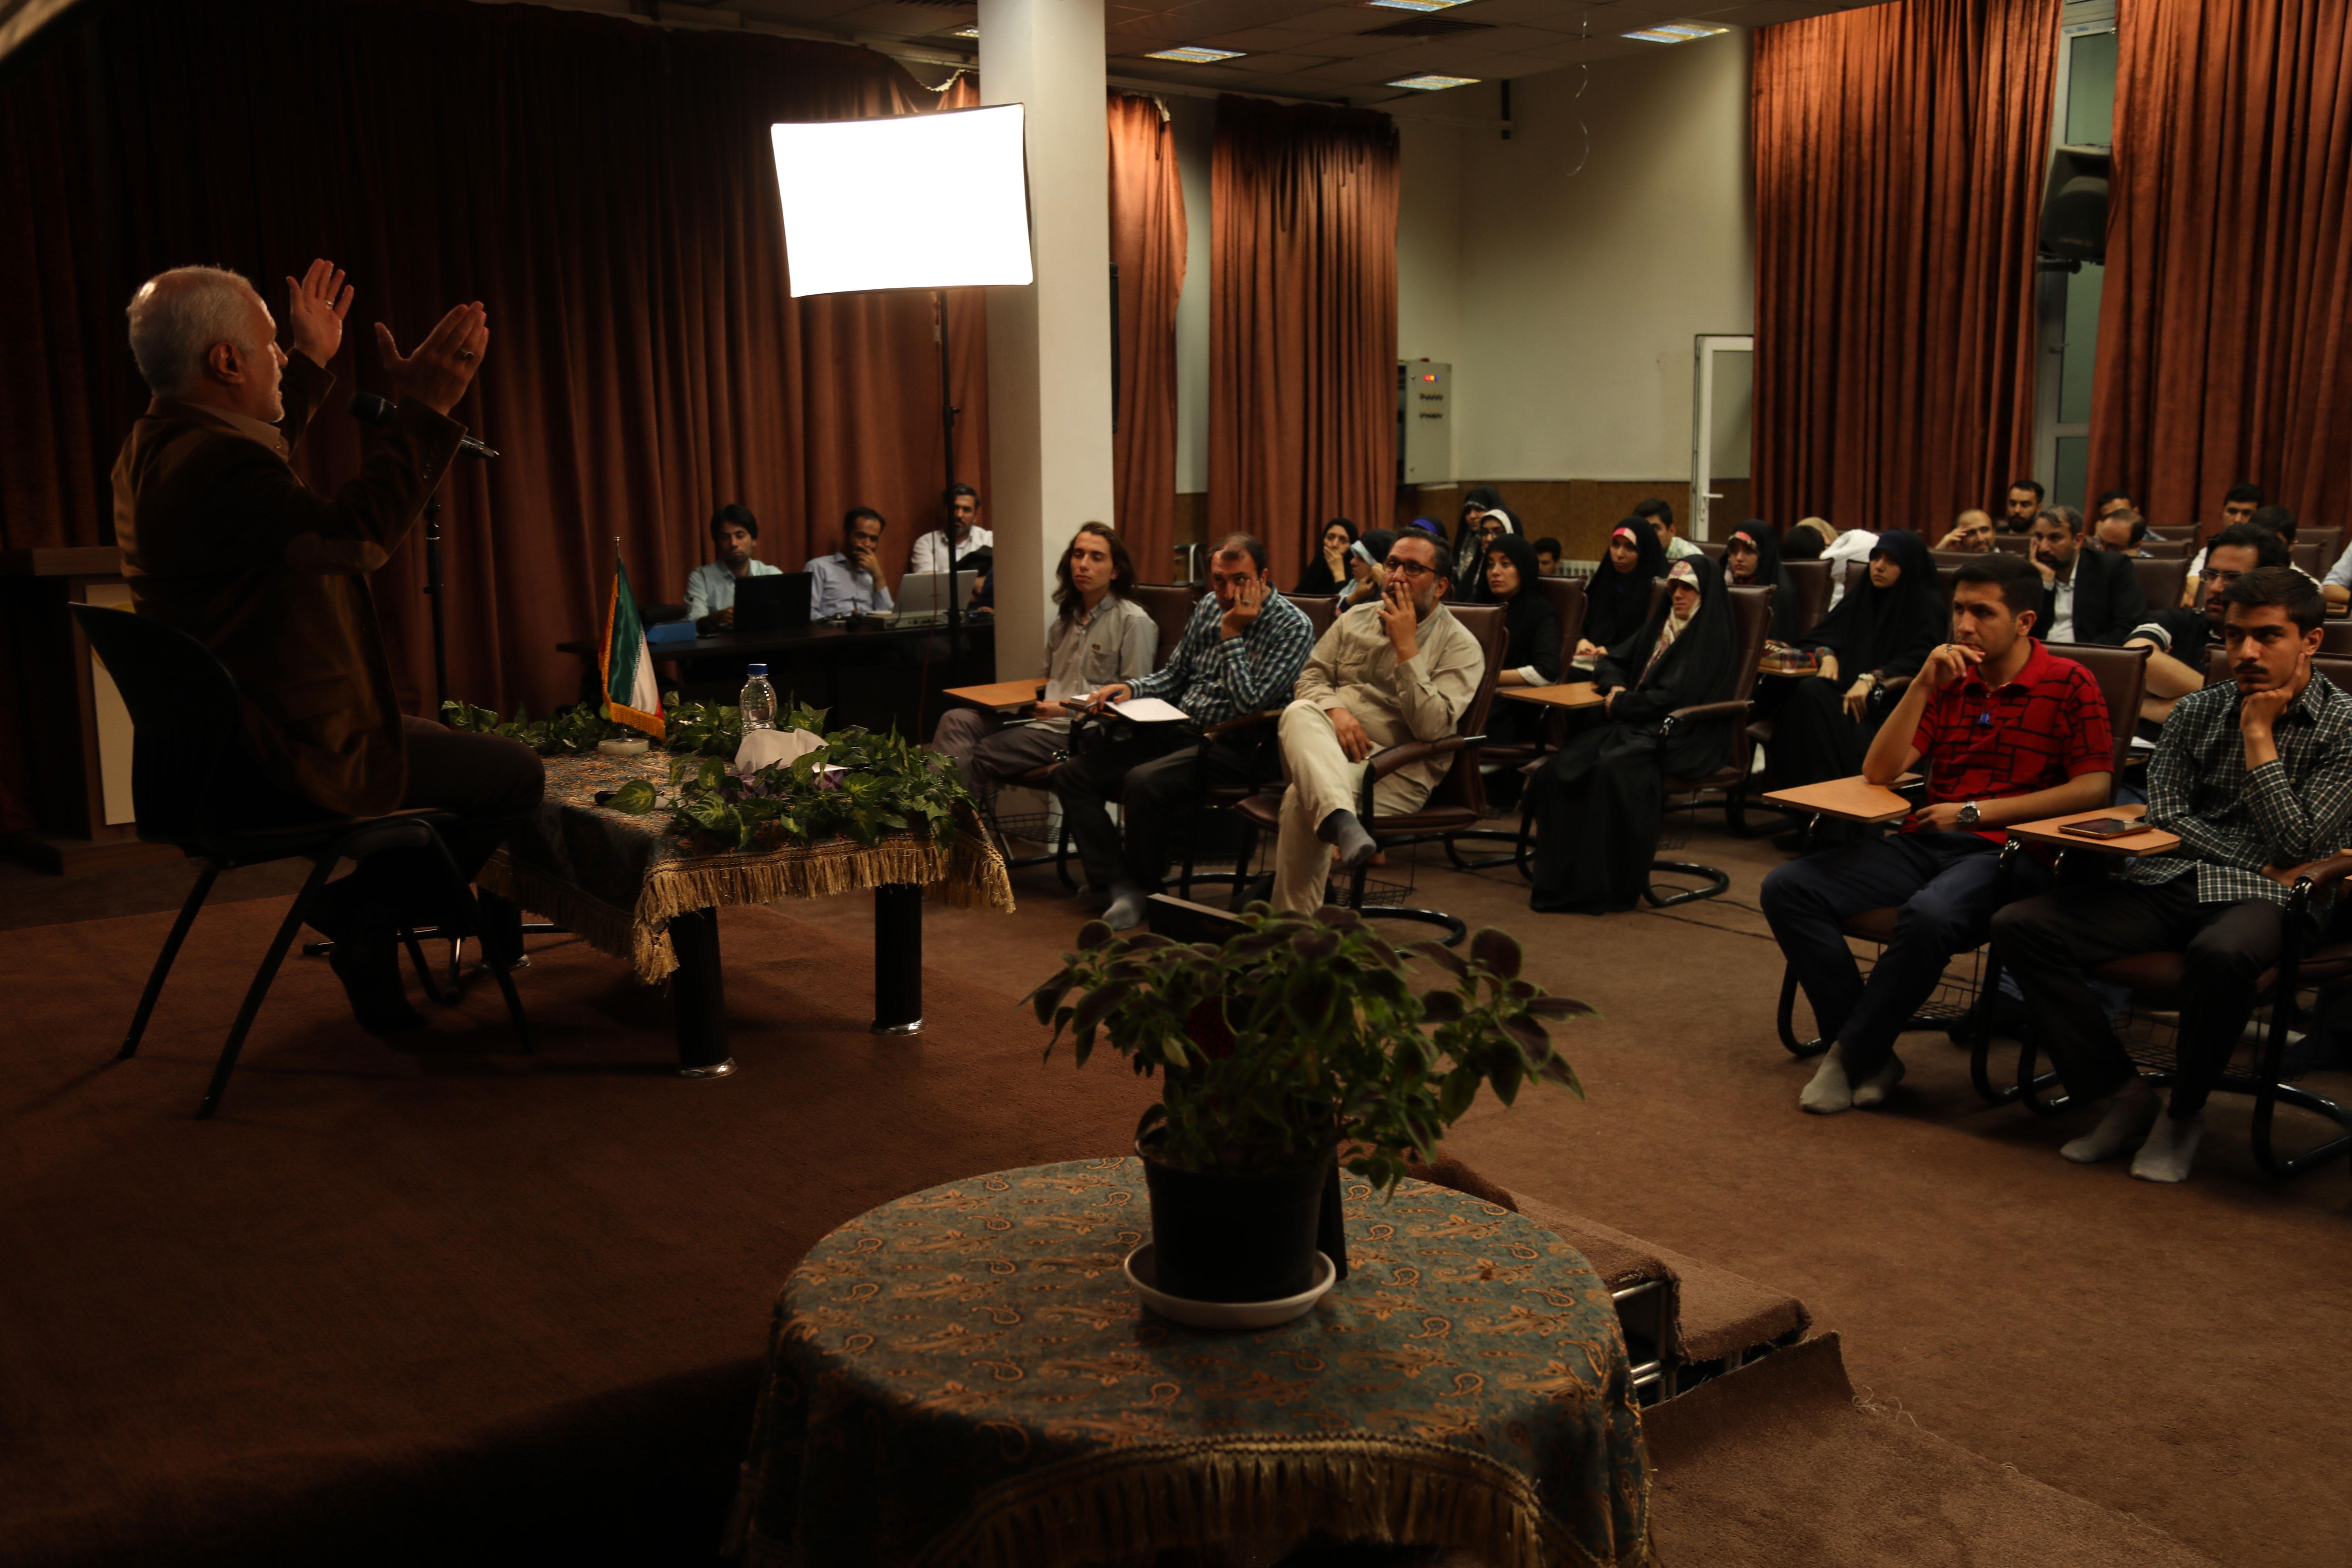 سخنرانی استاد حسن عباسی در حسینیه هنر - دومین نشست مدافعان فرهنگی حرم